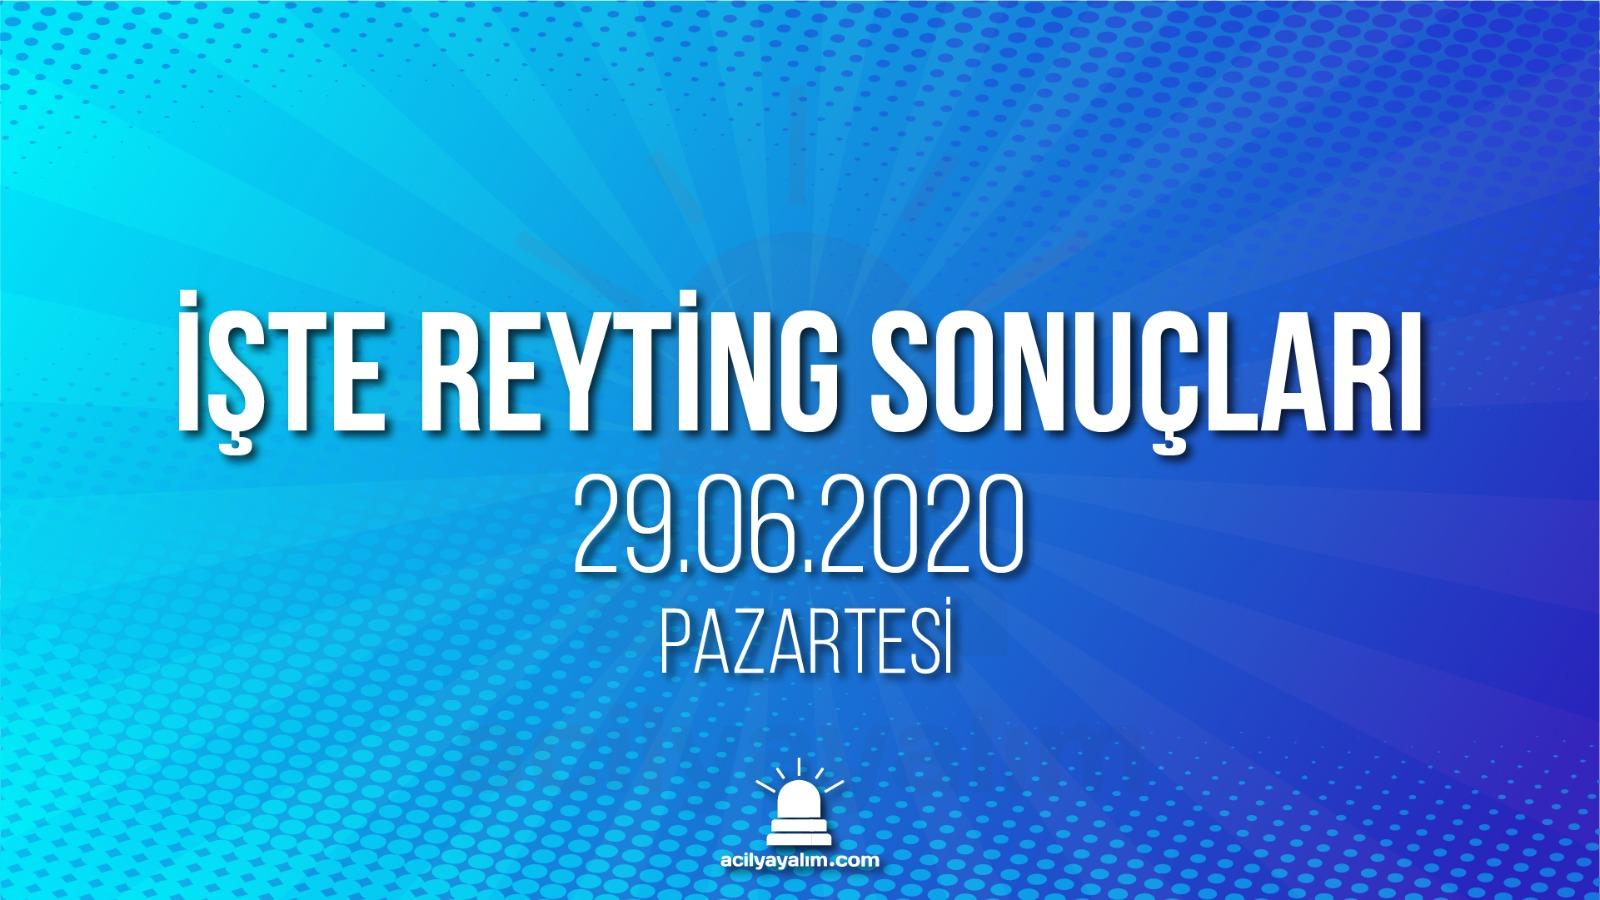 29 Haziran 2020 Pazartesi reyting sonuçları